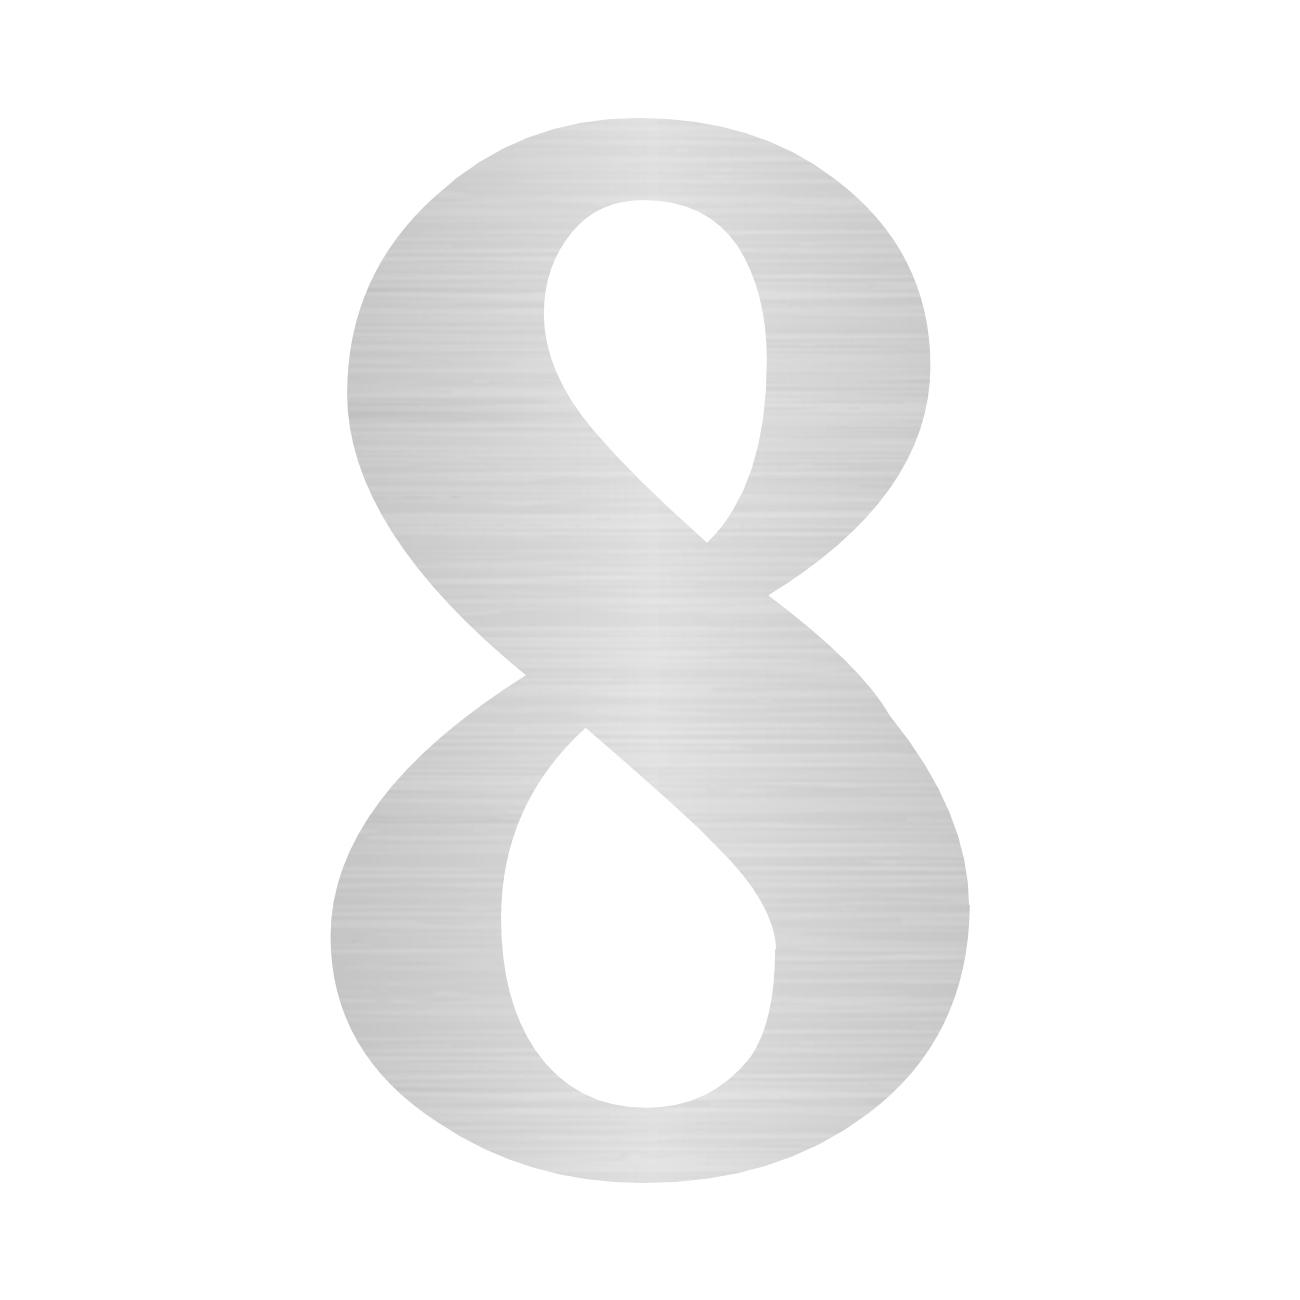 تابلو نشانگر مستر راد طرح پلاک واحد شماره 8کد 08 S